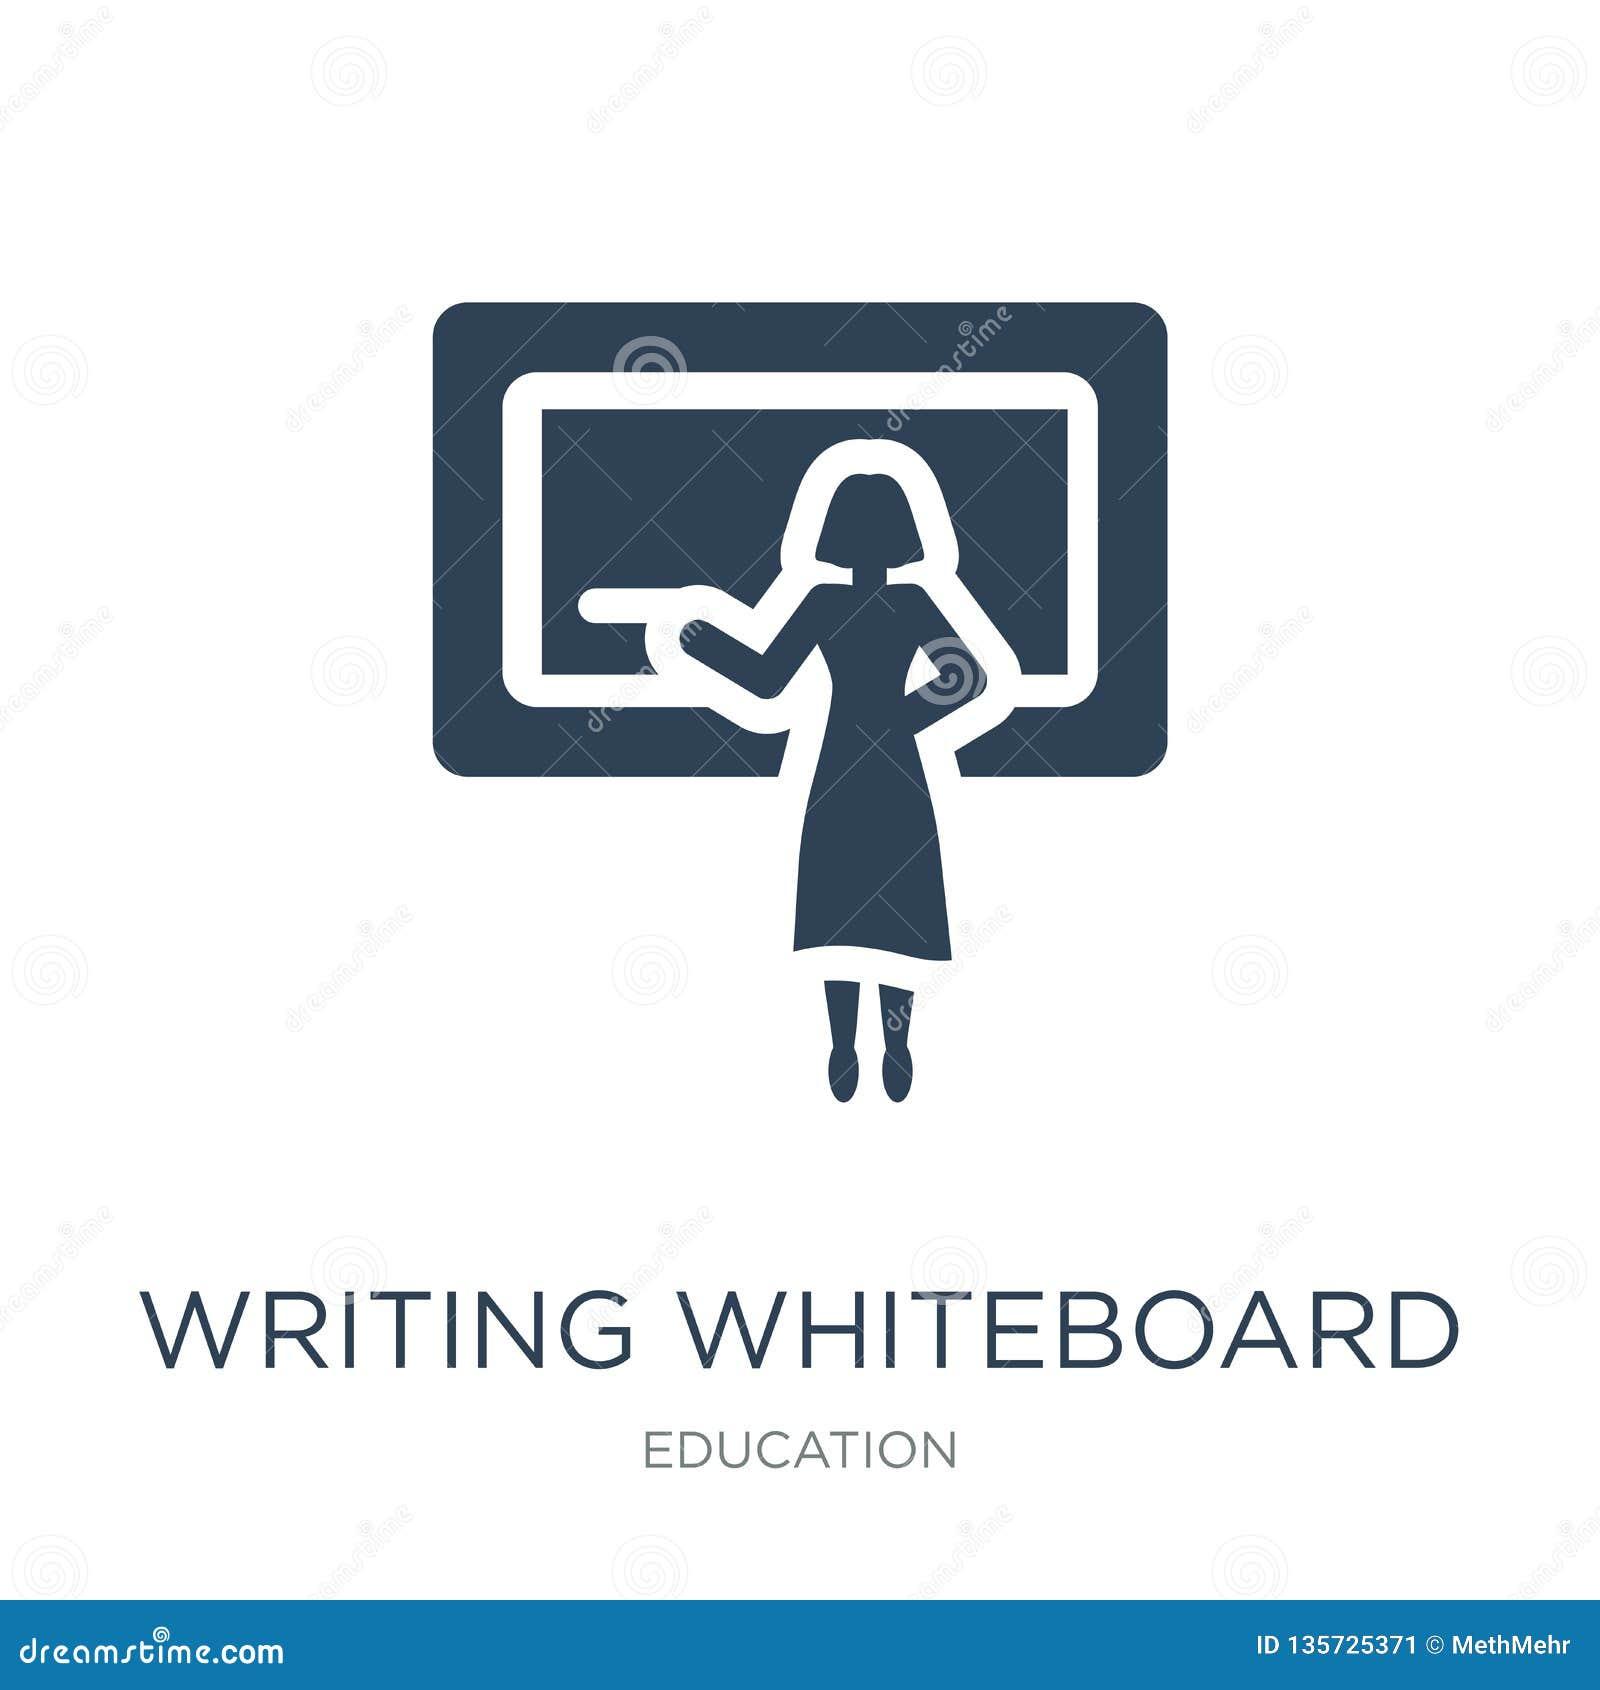 εικονίδιο γραψίματος whiteboard στο καθιερώνον τη μόδα ύφος σχεδίου εικονίδιο γραψίματος whiteboard που απομονώνεται στο άσπρο υπ